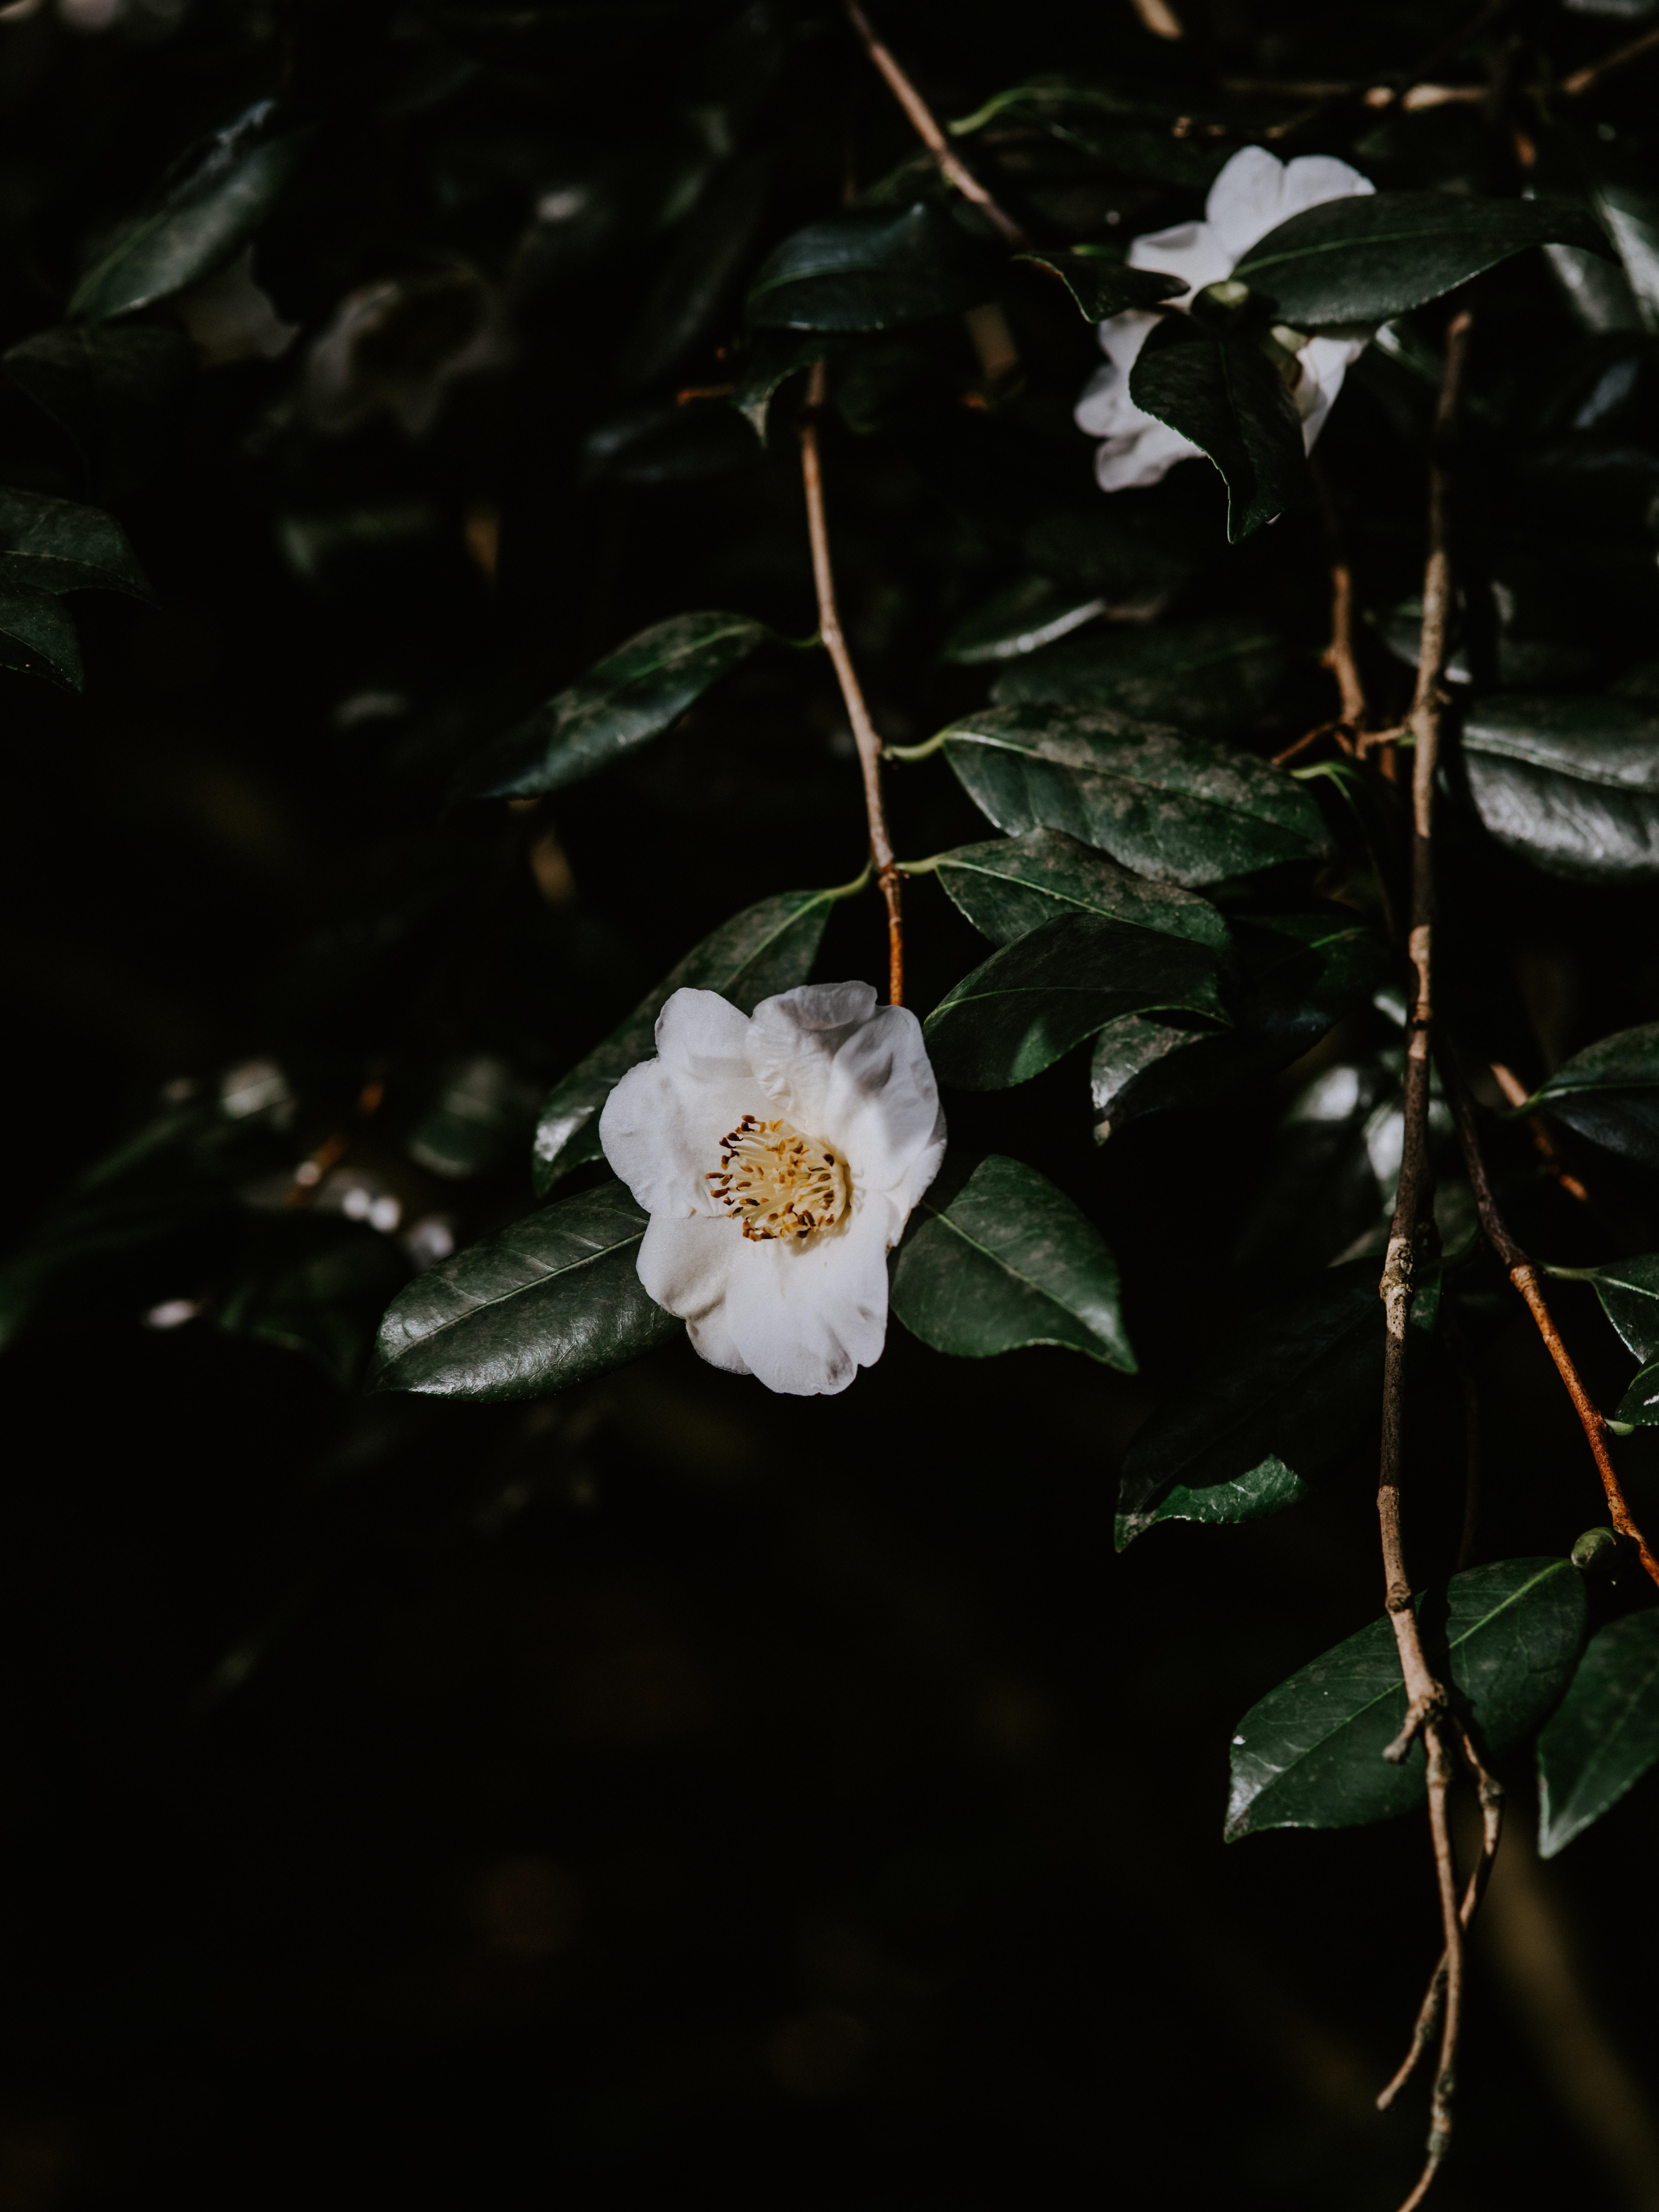 155593 скачать обои Цветы, Цветок, Ветки, Цветение, Листья, Темный - заставки и картинки бесплатно